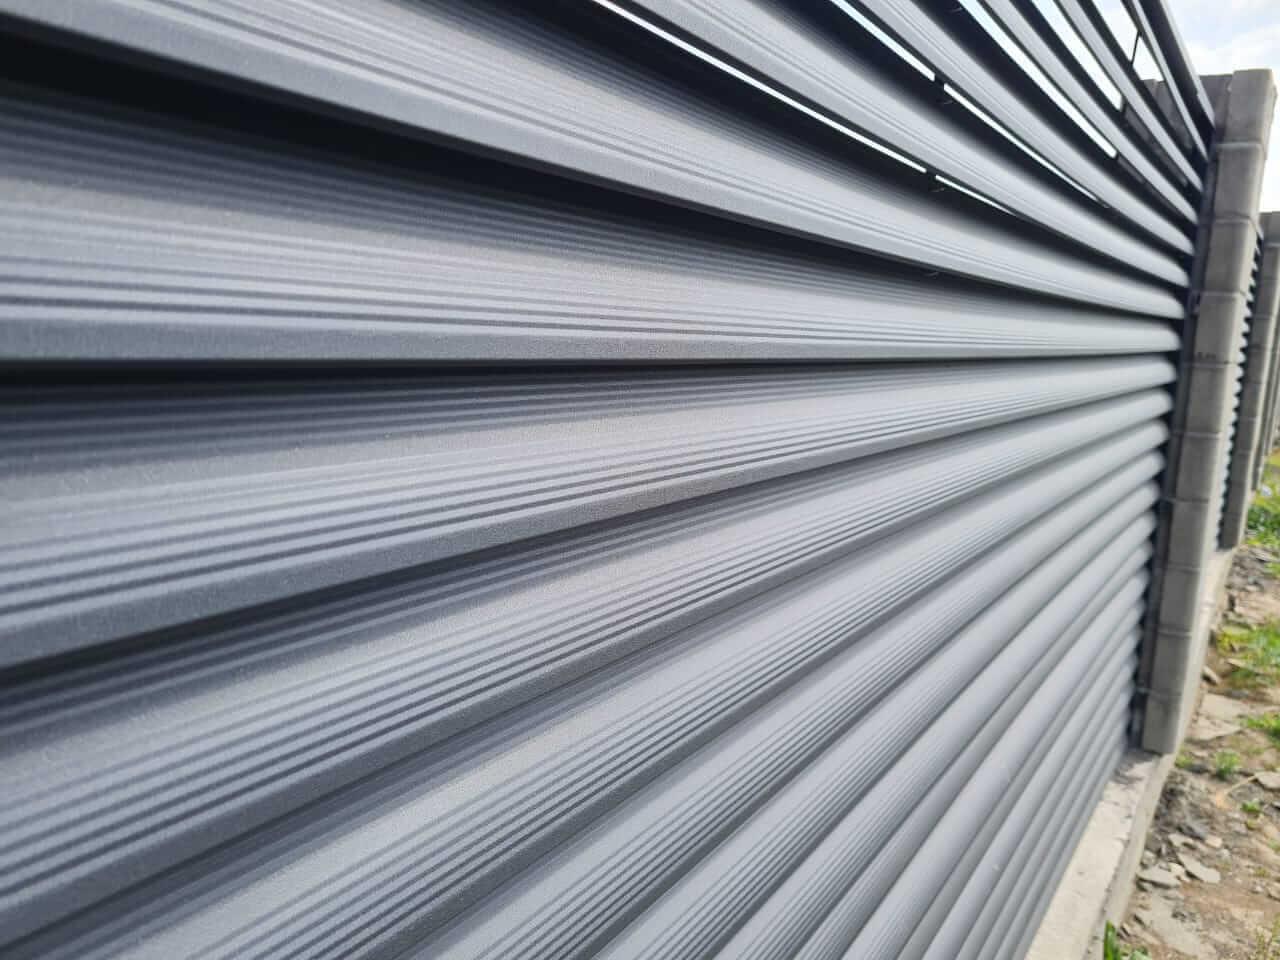 забор-жалюзи серый графит матовый фото9